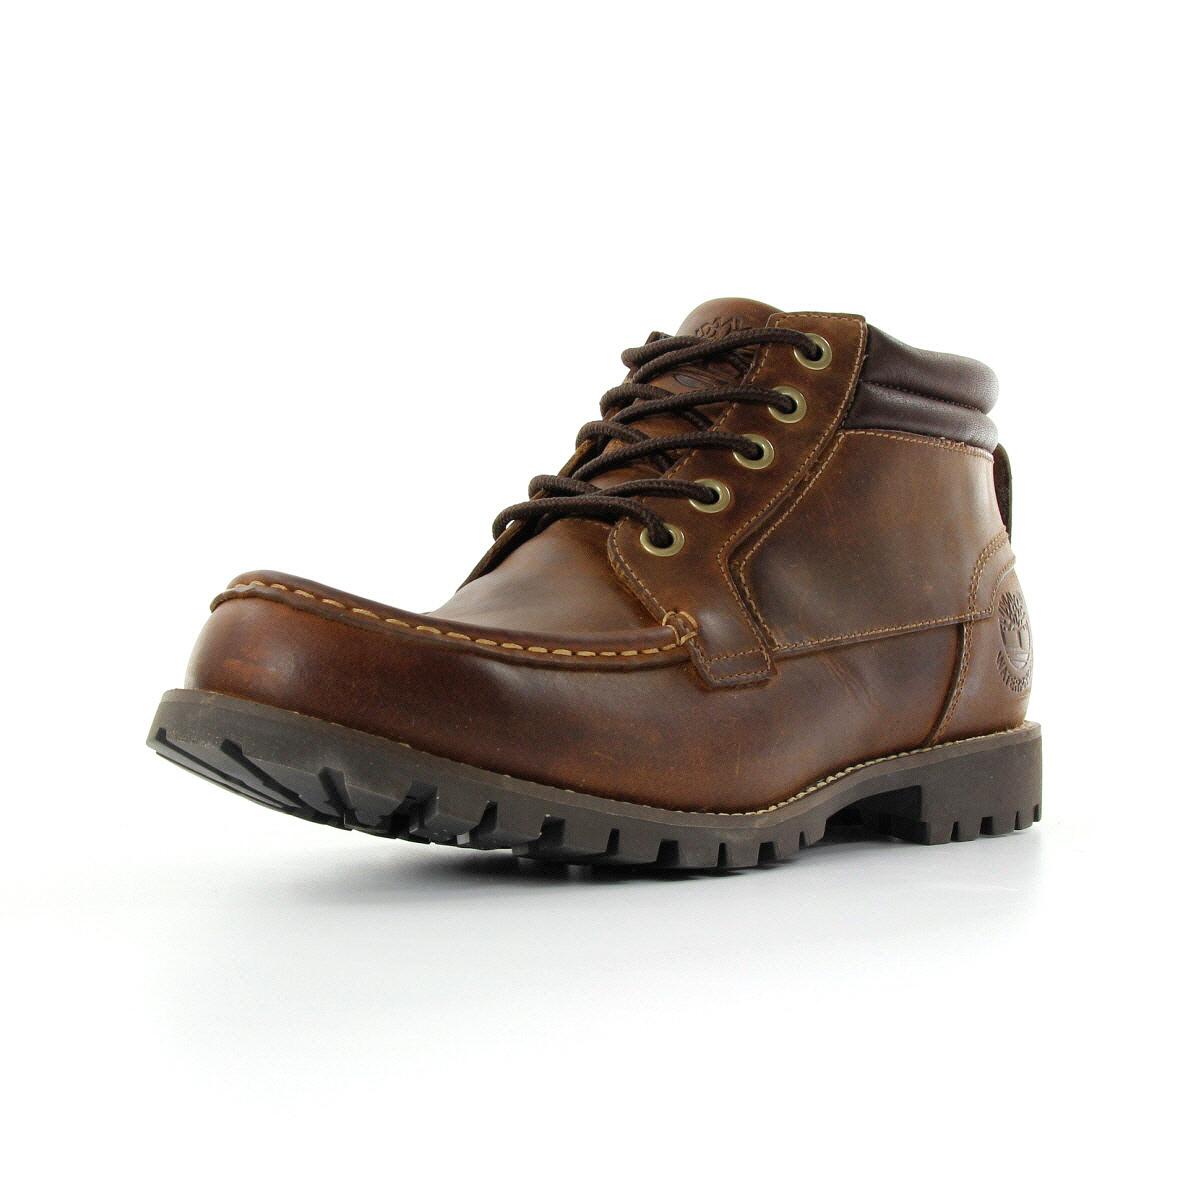 Jusqu'à 60% de réduction sur une sélection de chaussures